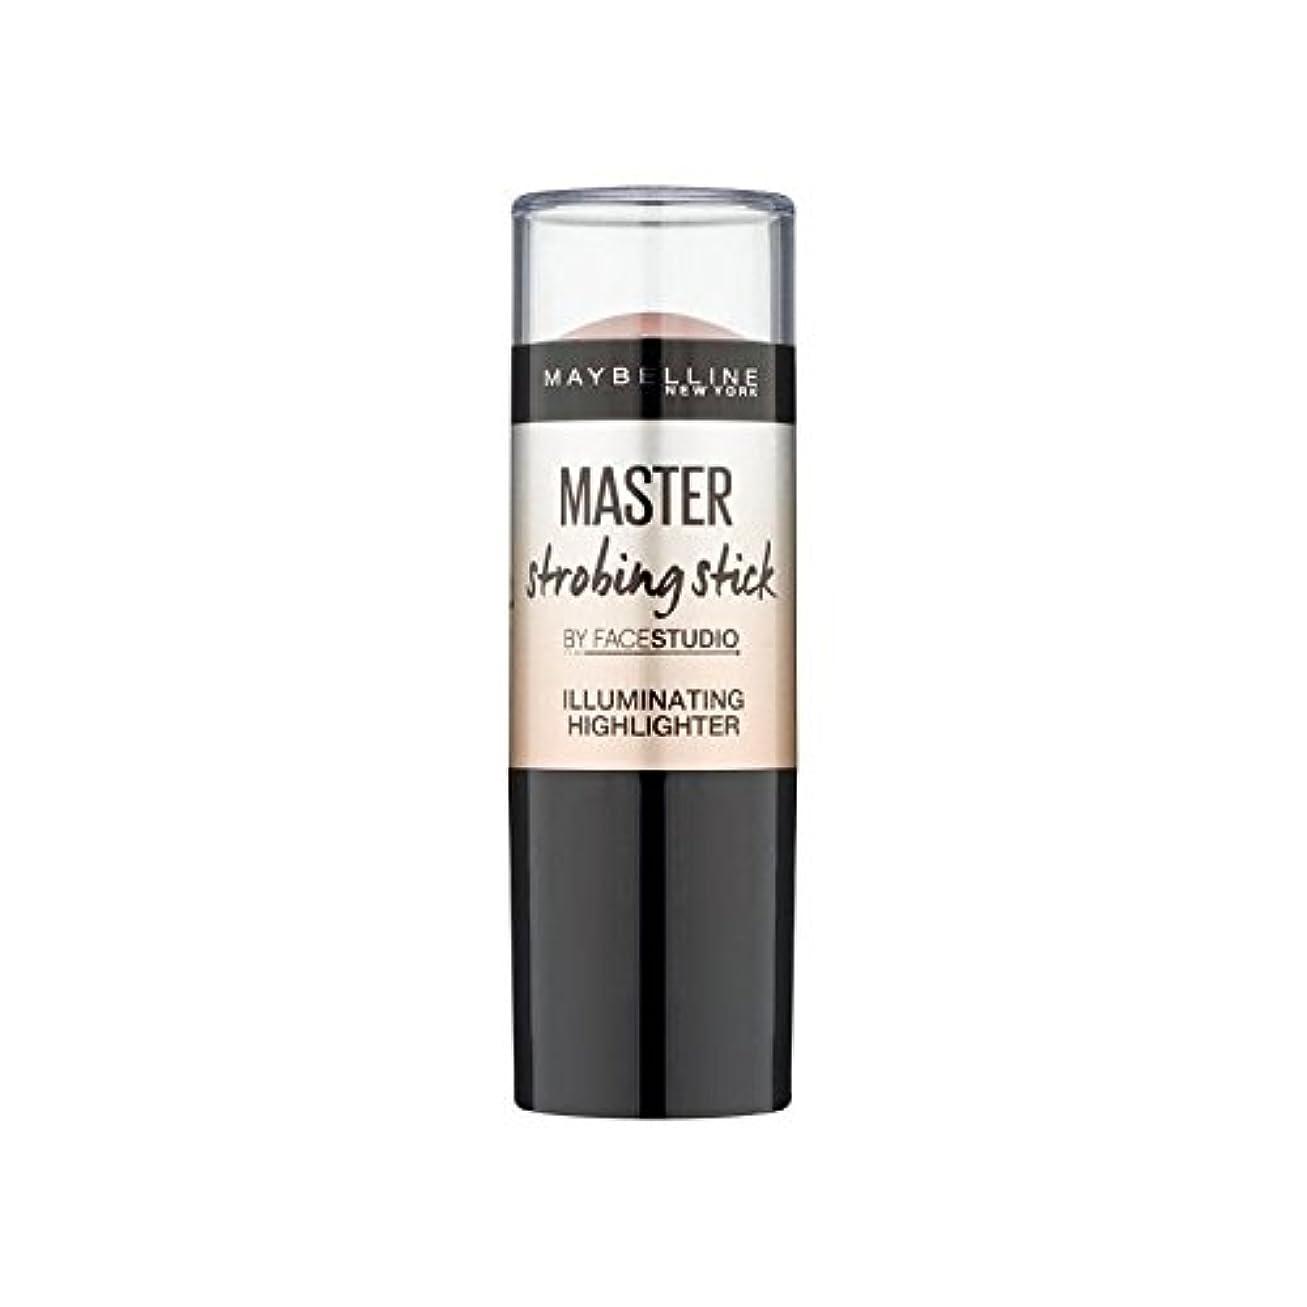 呼びかける傭兵小売メイベリンマスターストロボスティックライト x4 - Maybelline Master Strobing Stick Light (Pack of 4) [並行輸入品]